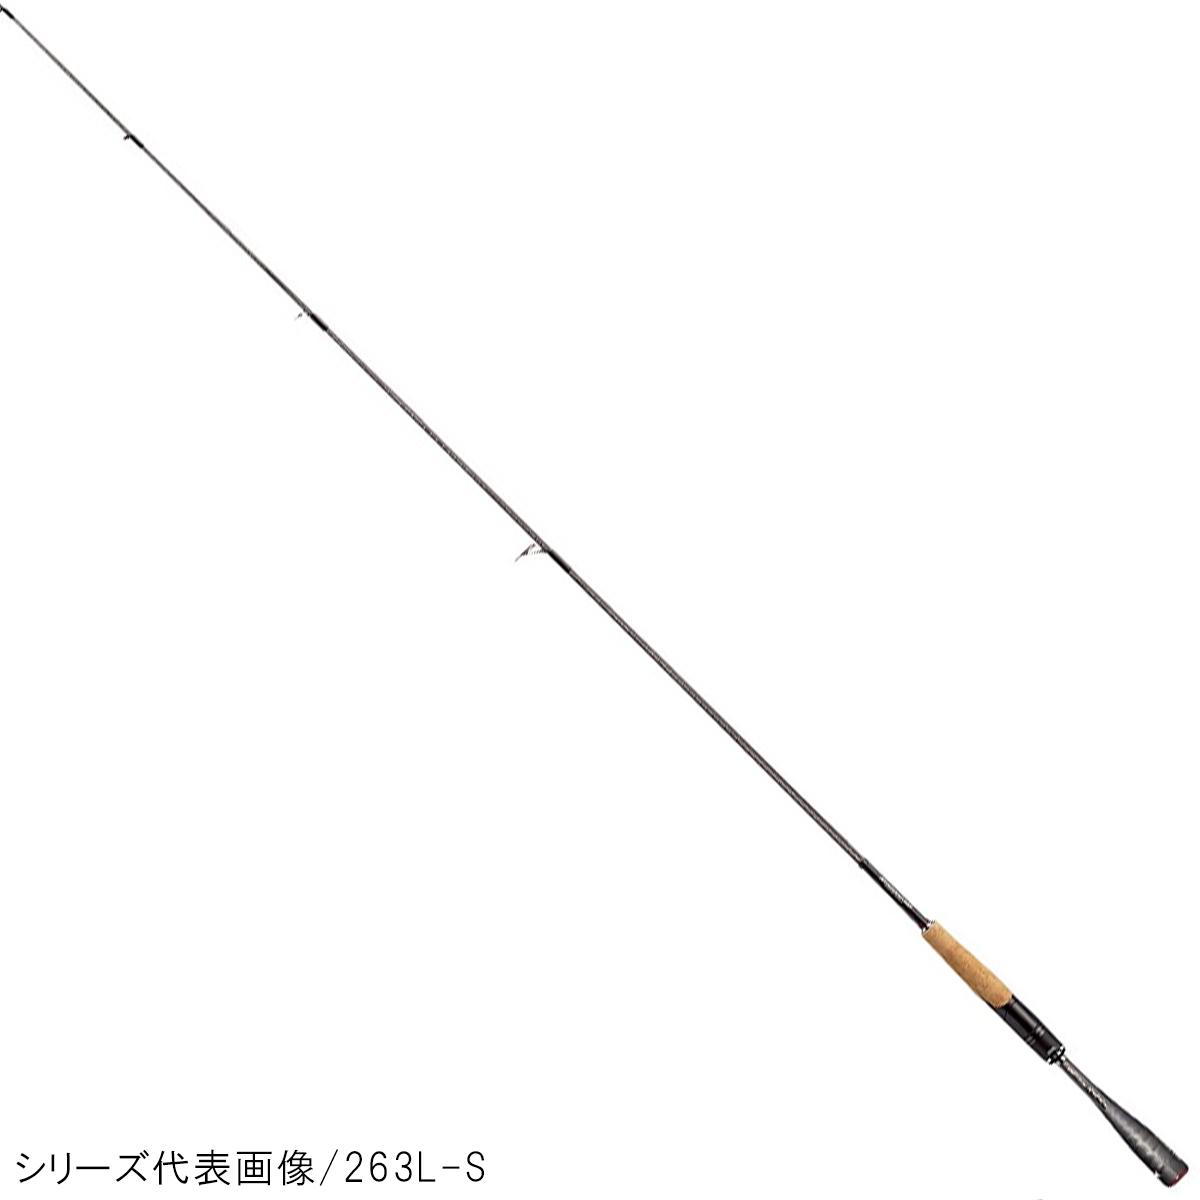 シマノ ポイズングロリアス 264UL-S【大型商品】(東日本店)